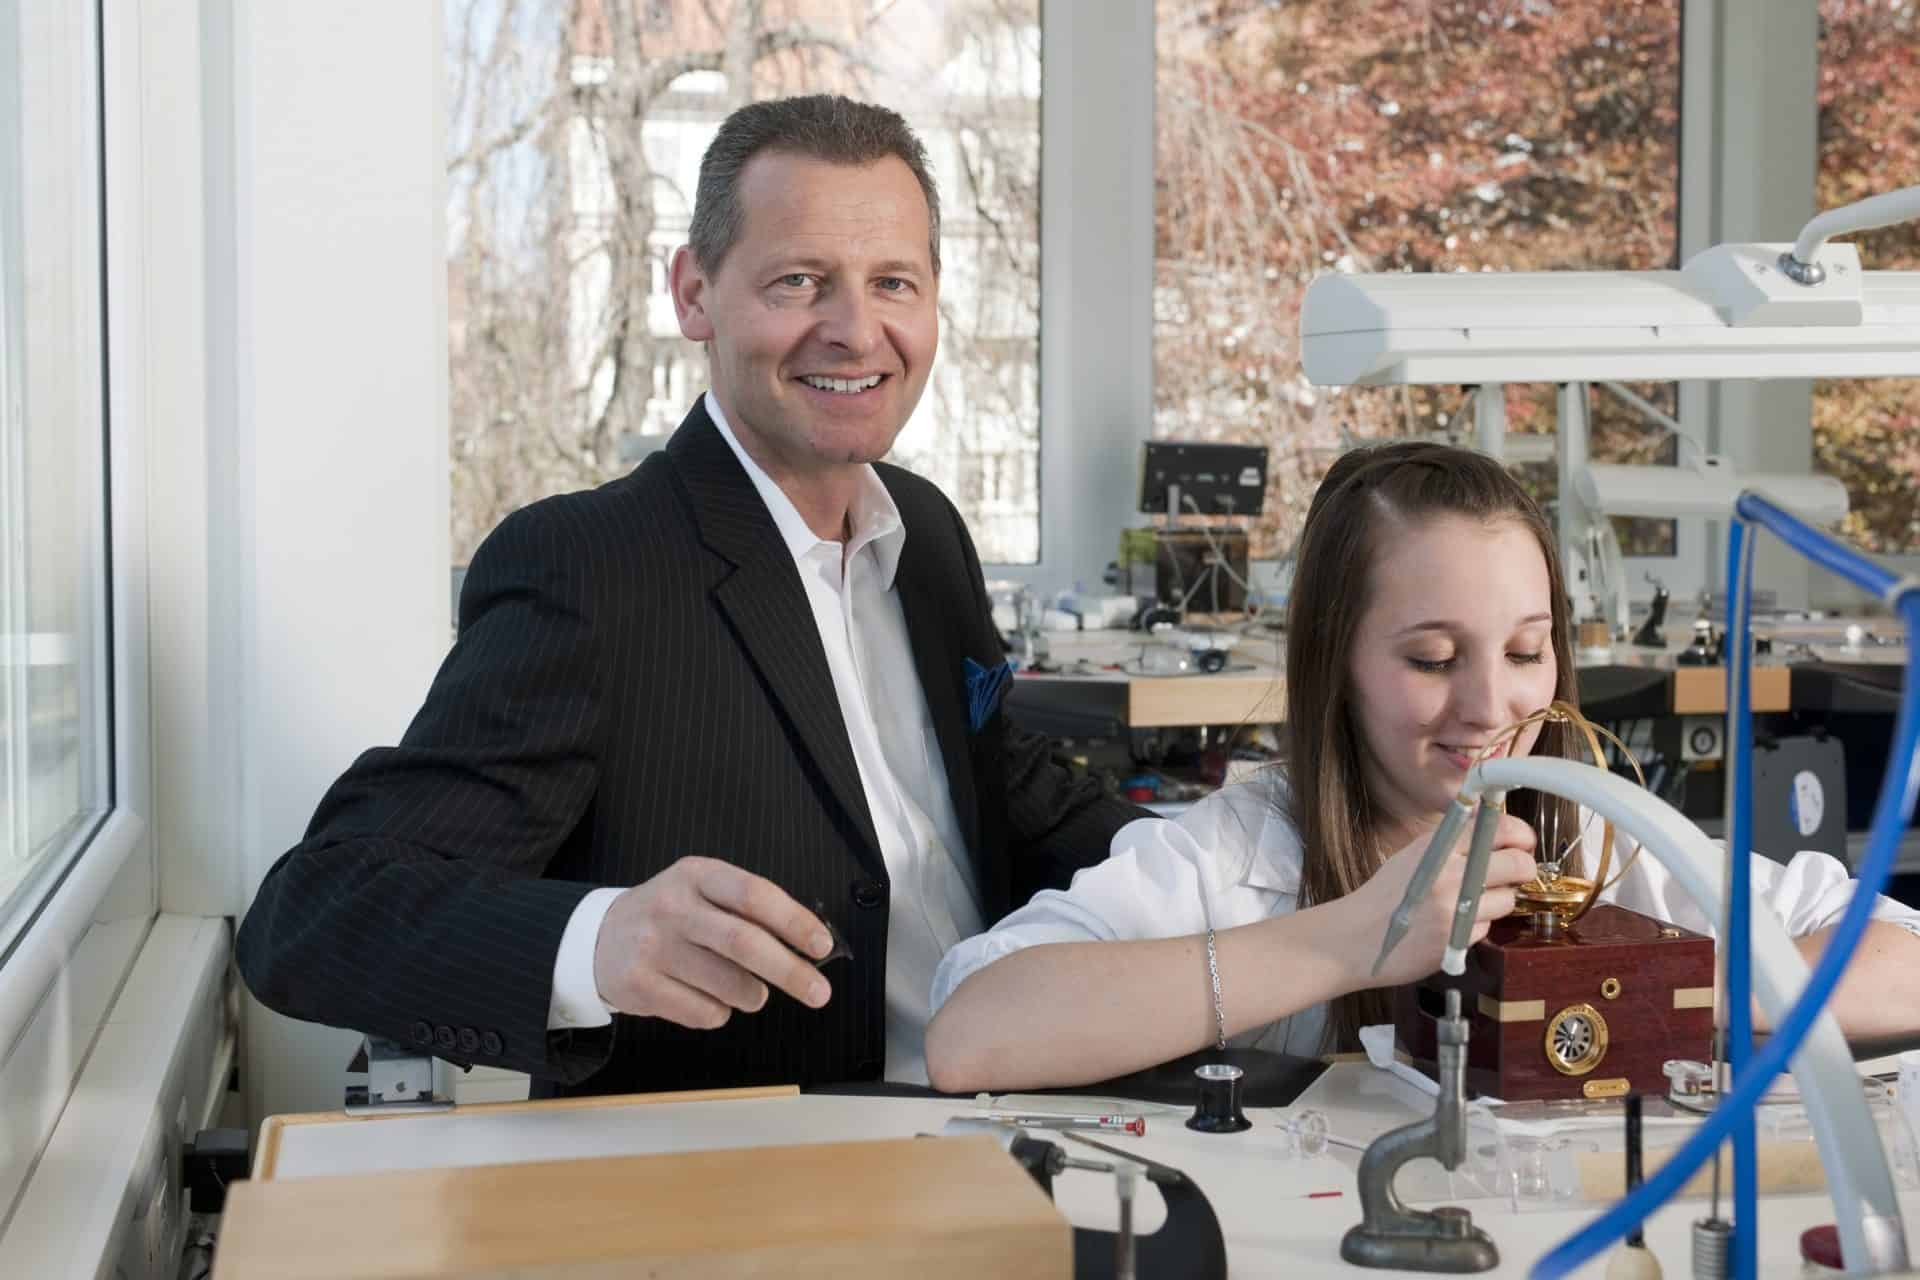 Ulysse Nardin CEO Patrik P. Hoffmann setzt auf Wachstum, aber der Markenkern muss erkennbar bleiben